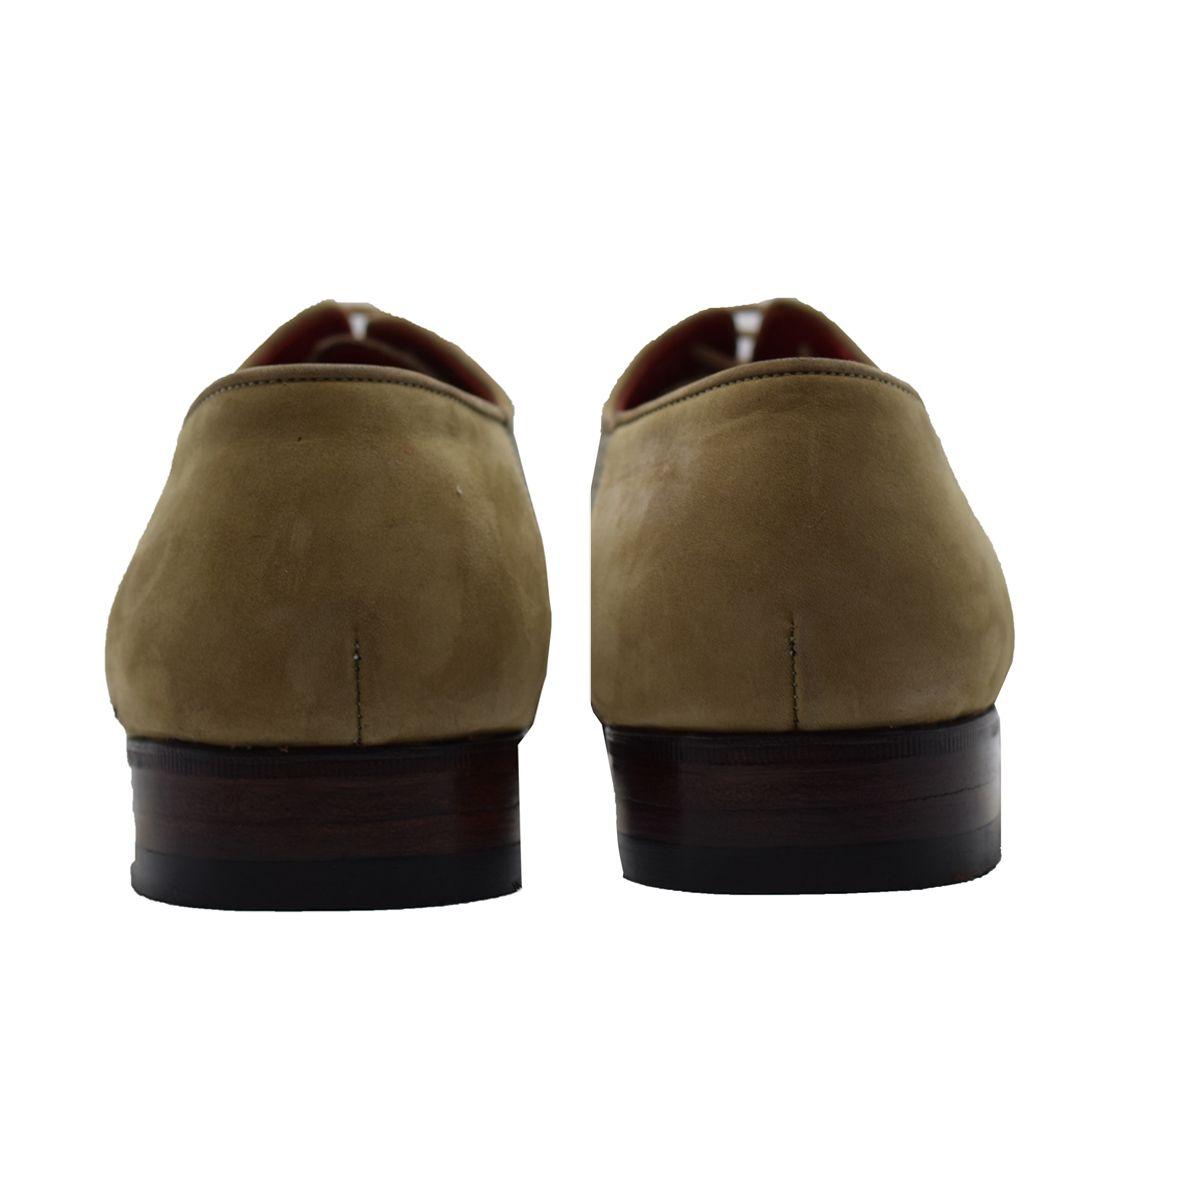 کفش مردانه دگرمان مدل آدر کد deg.2301-758 -  - 7